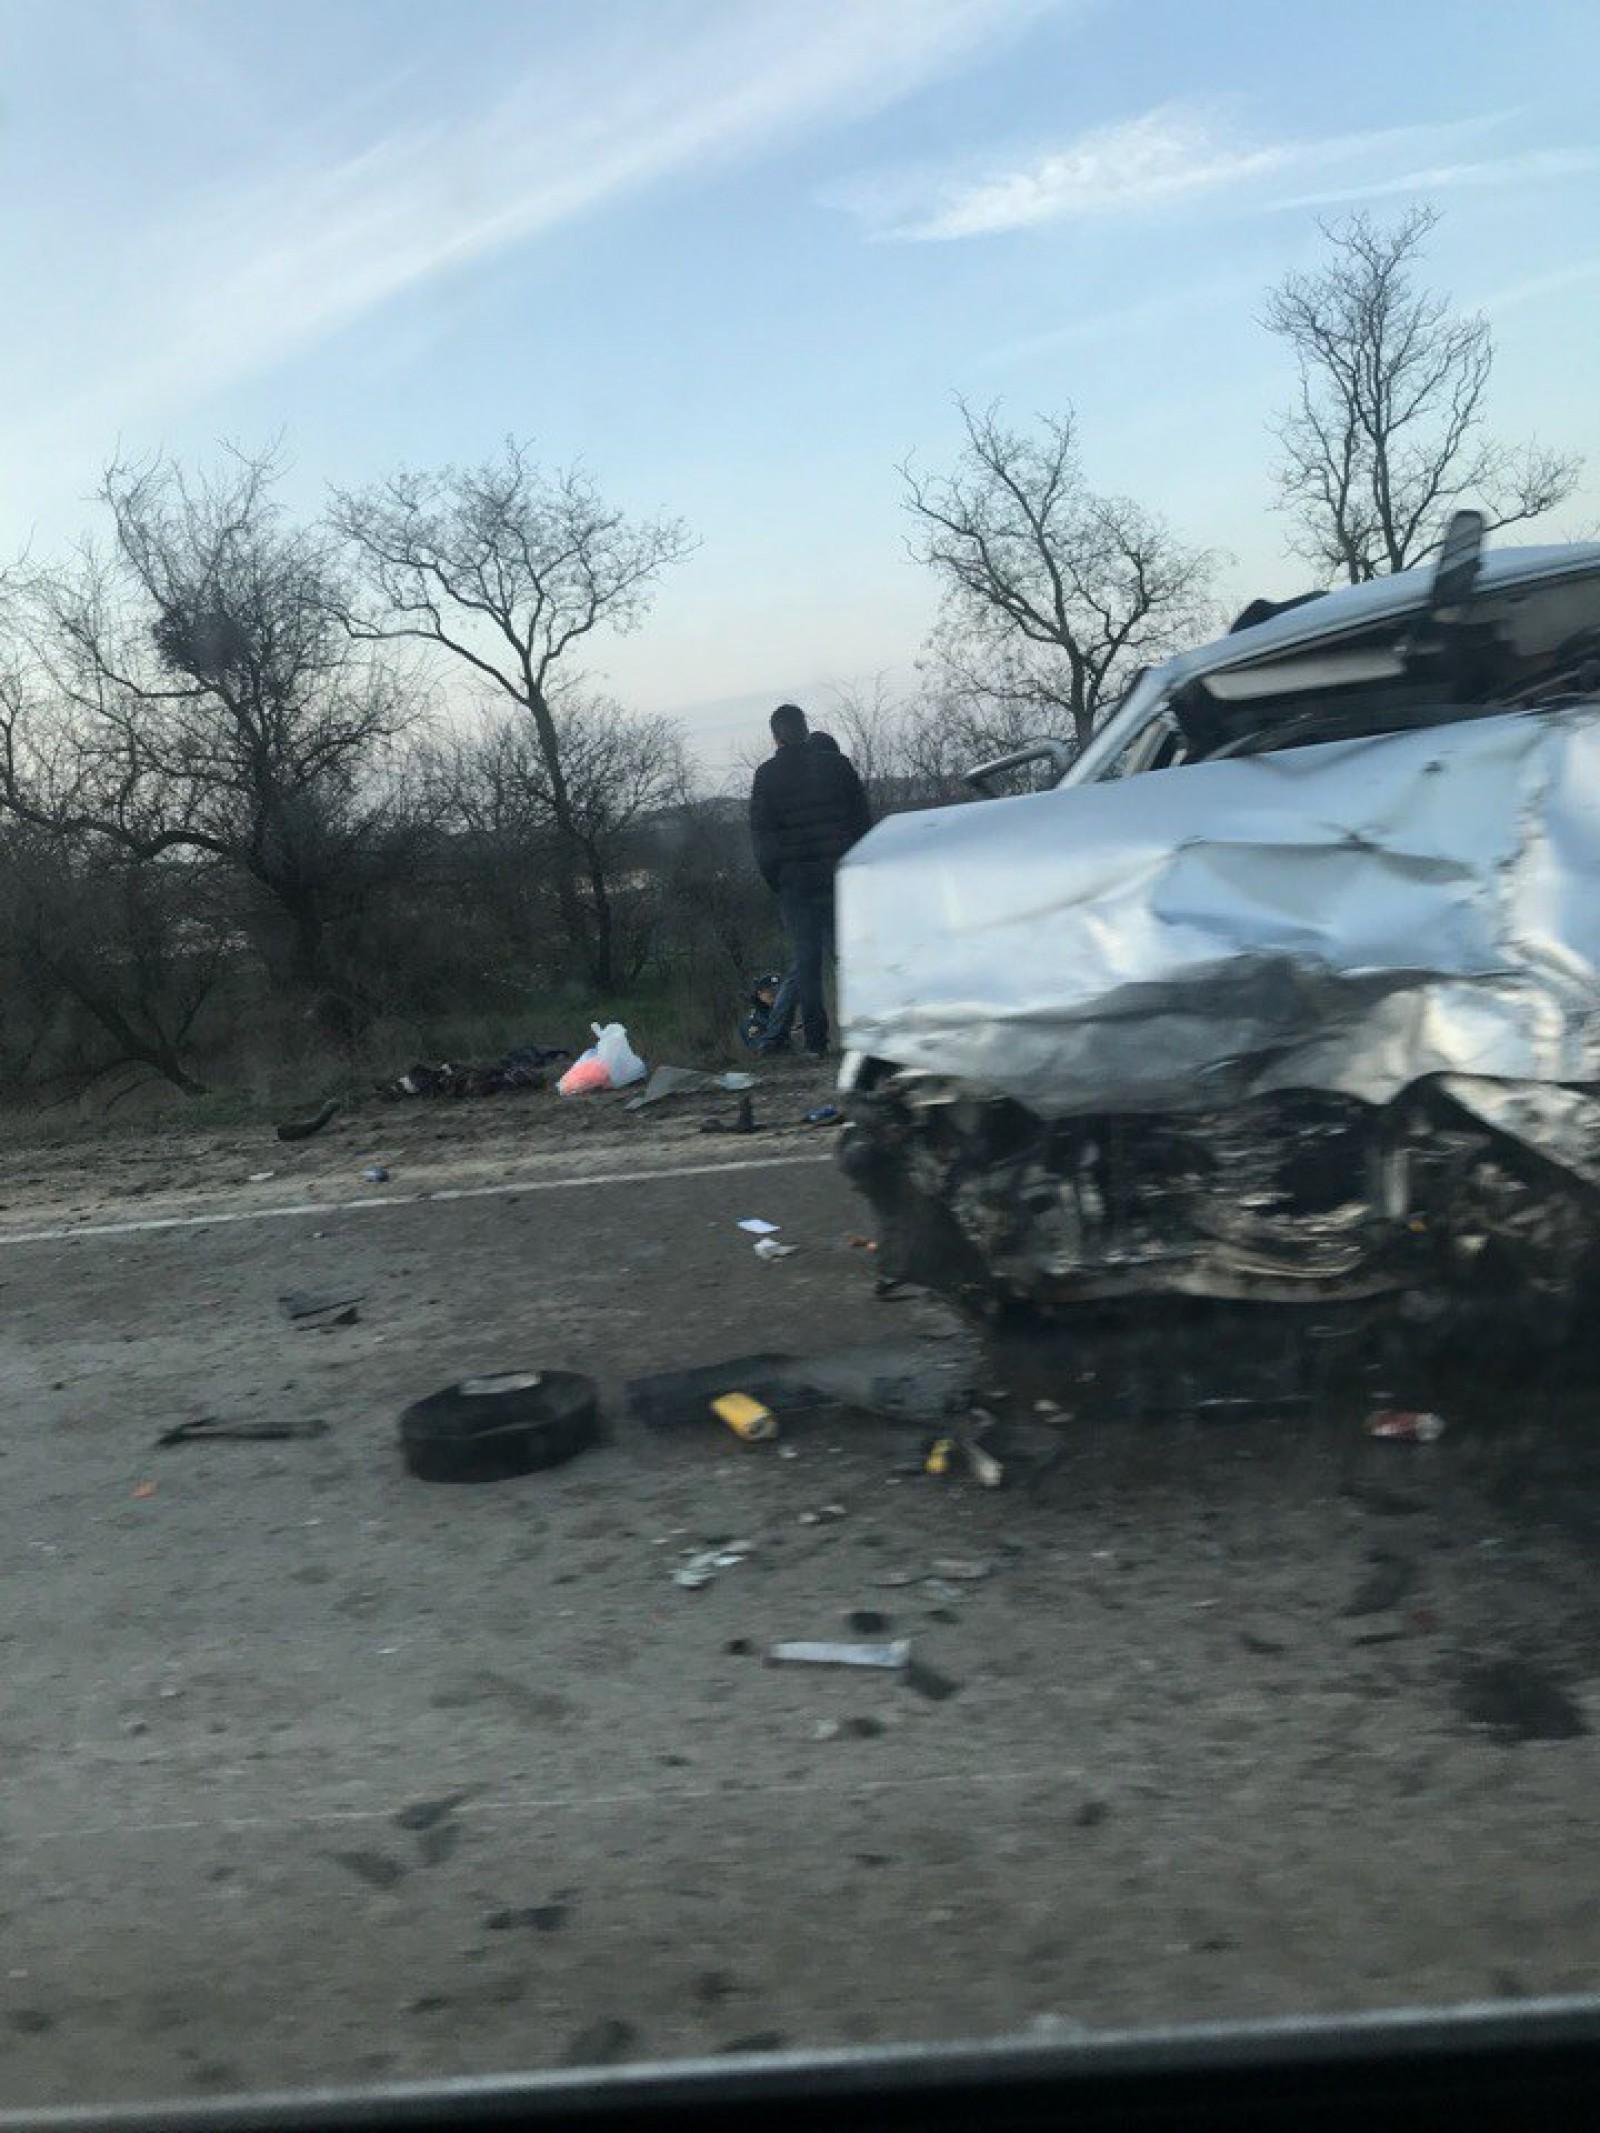 Фото новости - Авария на участке трассы  «Керчь-Феодосия»